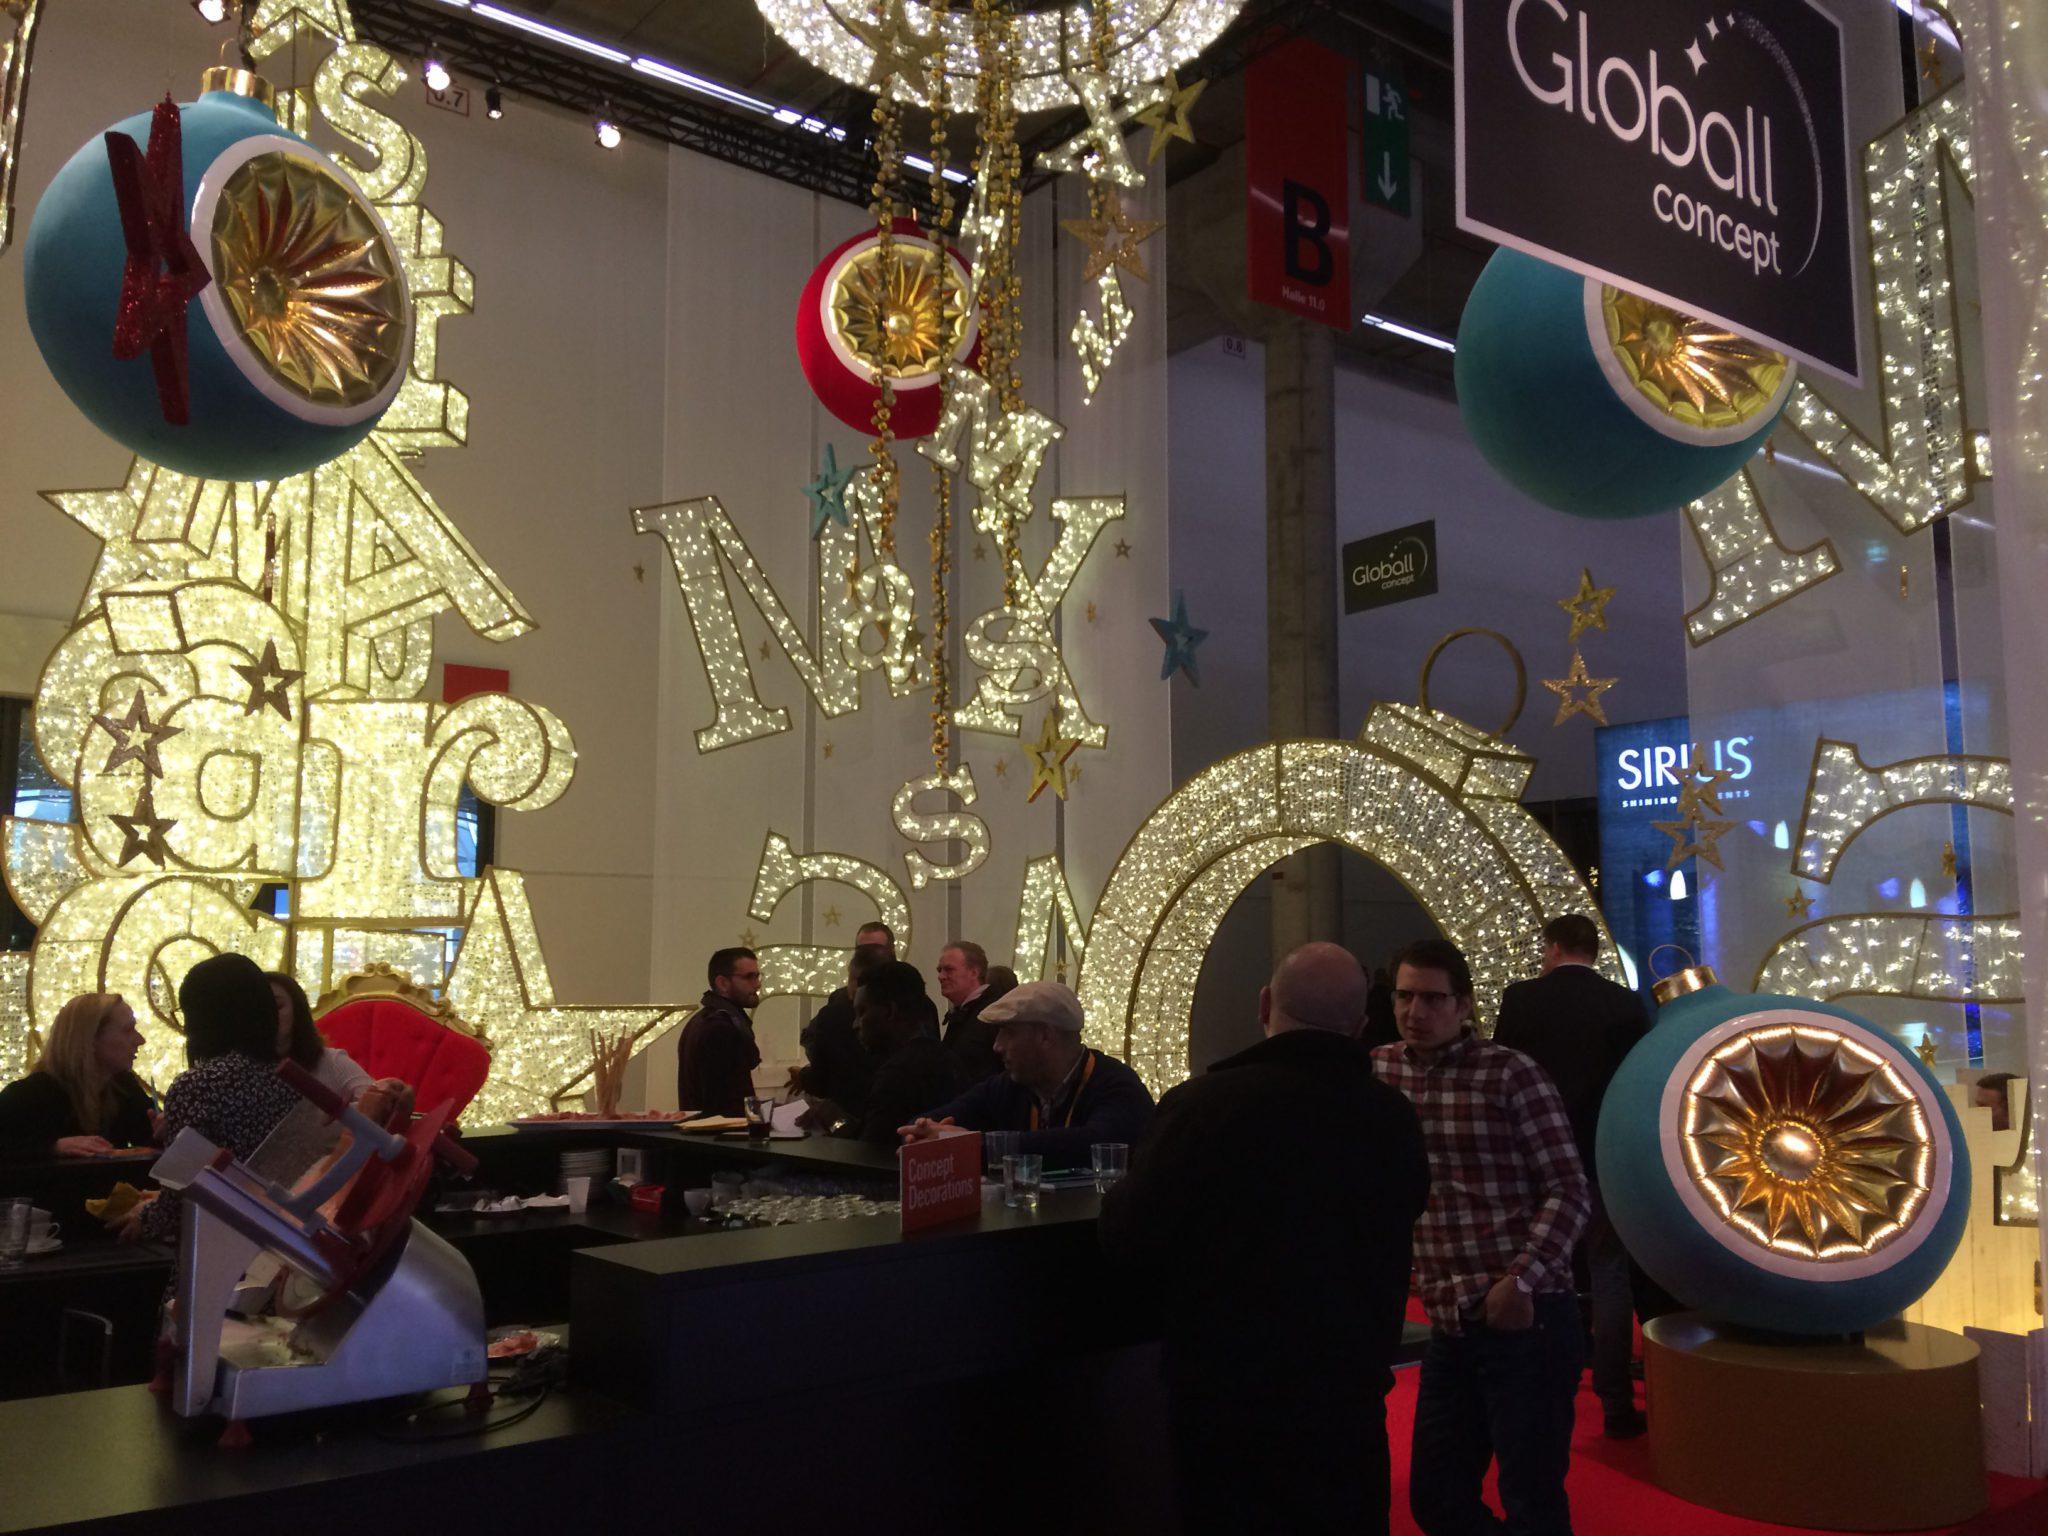 Globall-Concept-ChristmasWorld-Frankfurt-Jan1812 Globall Concept ChristmasWorld Frankfurt Jan18